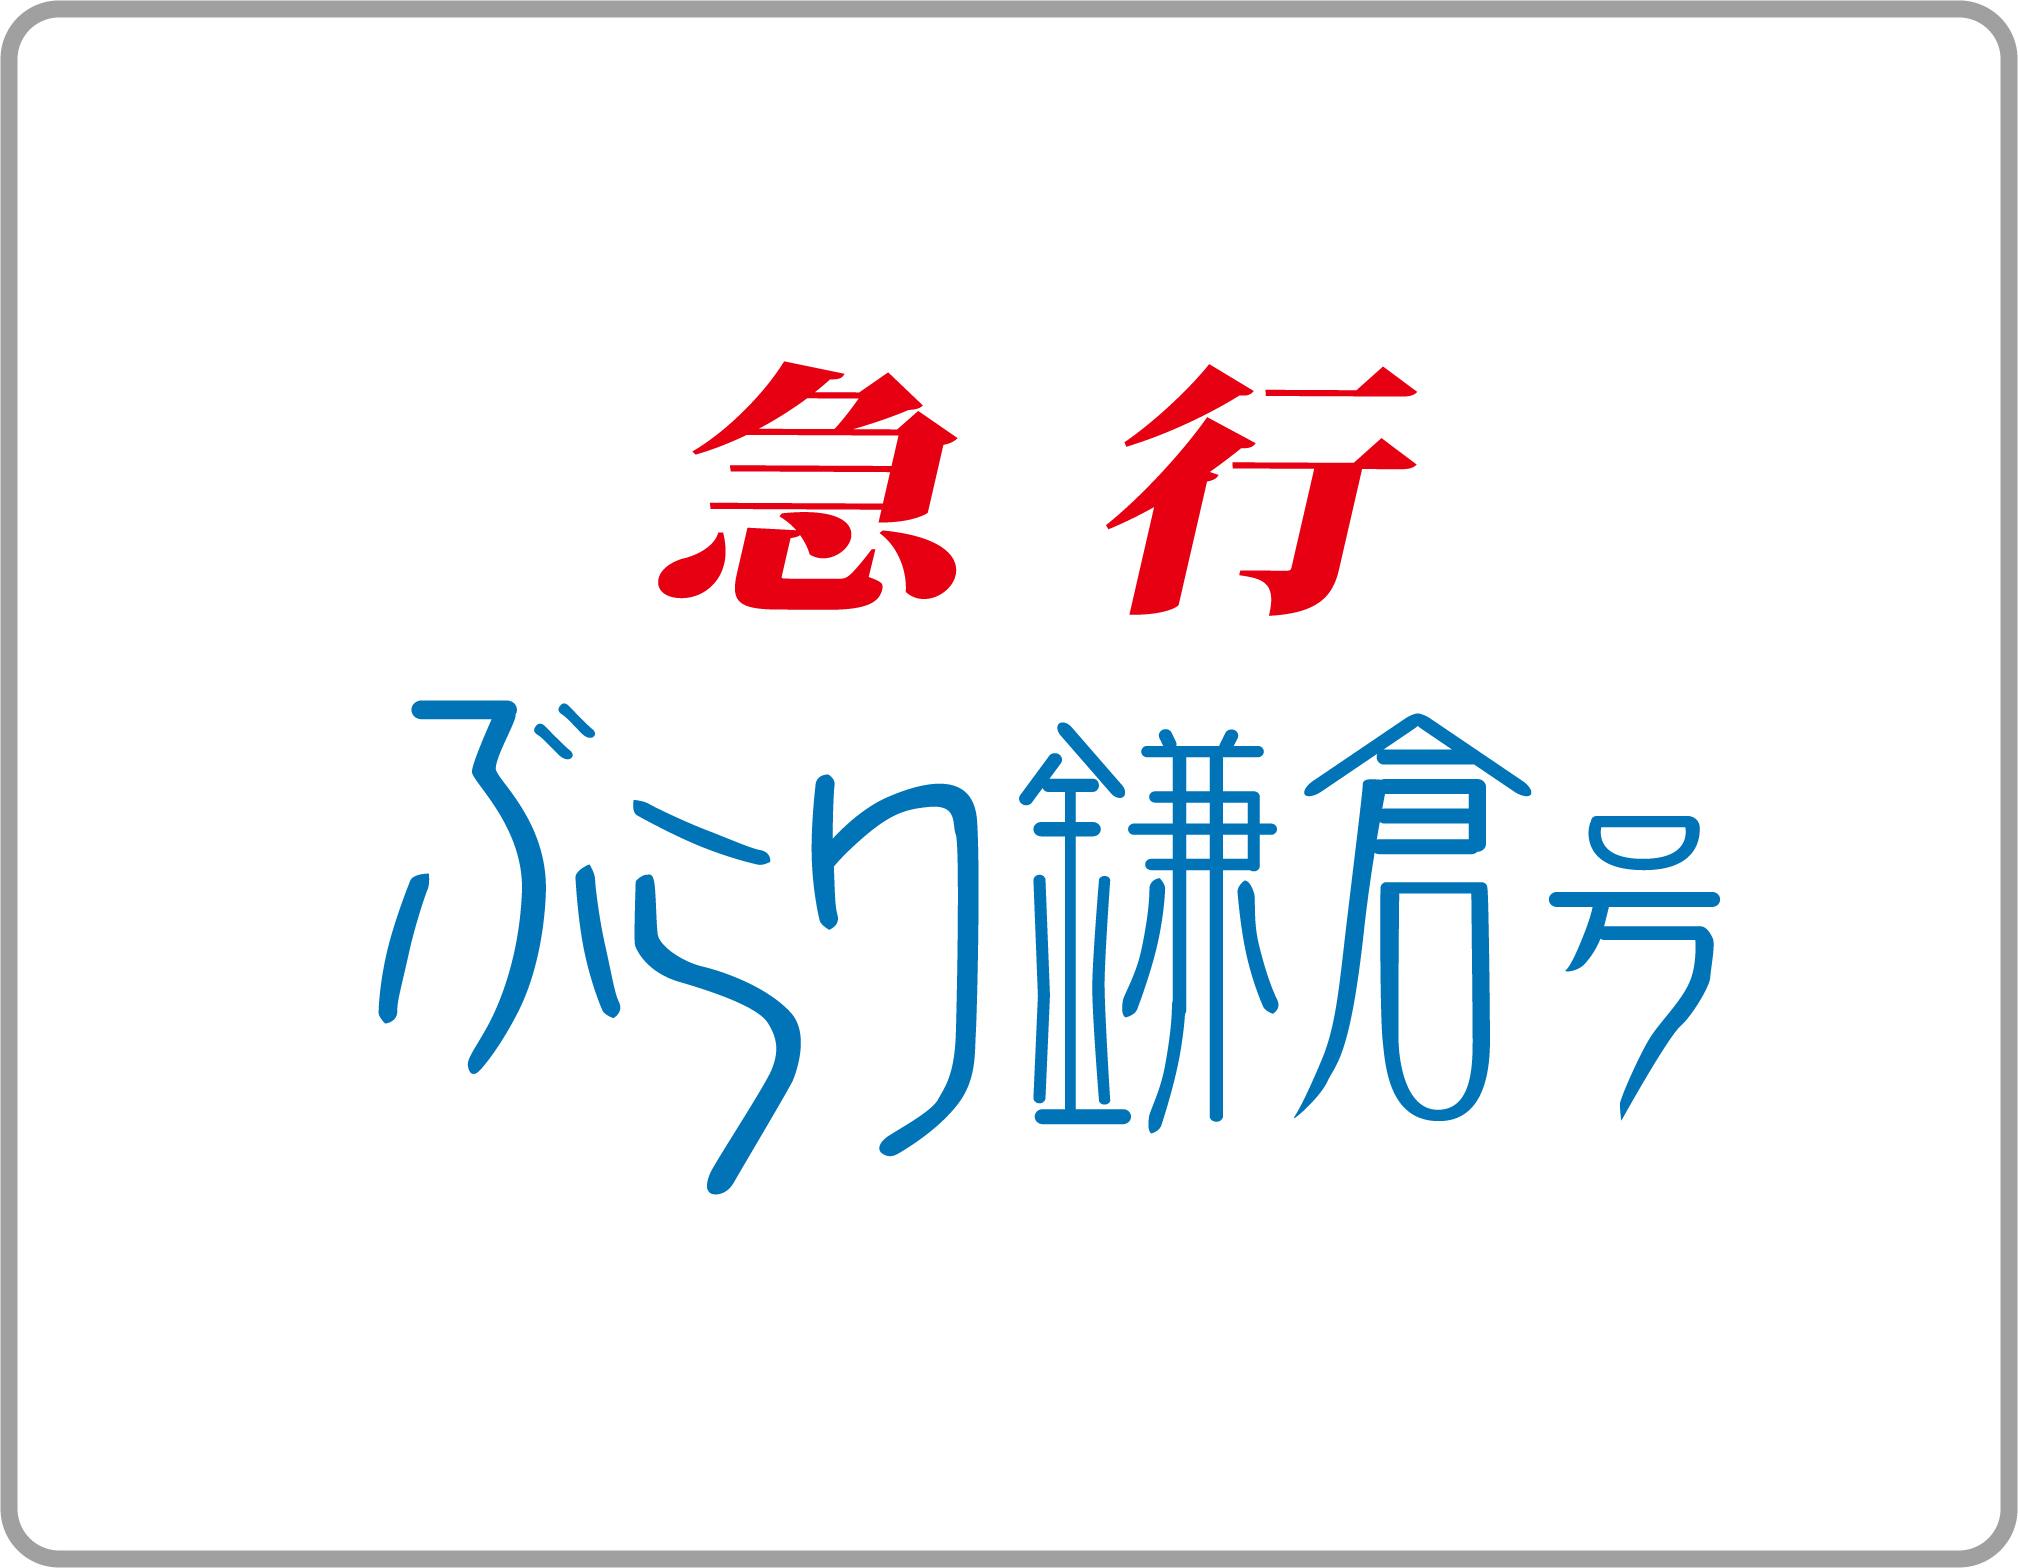 急行ぶらり鎌倉号のヘッドマーク